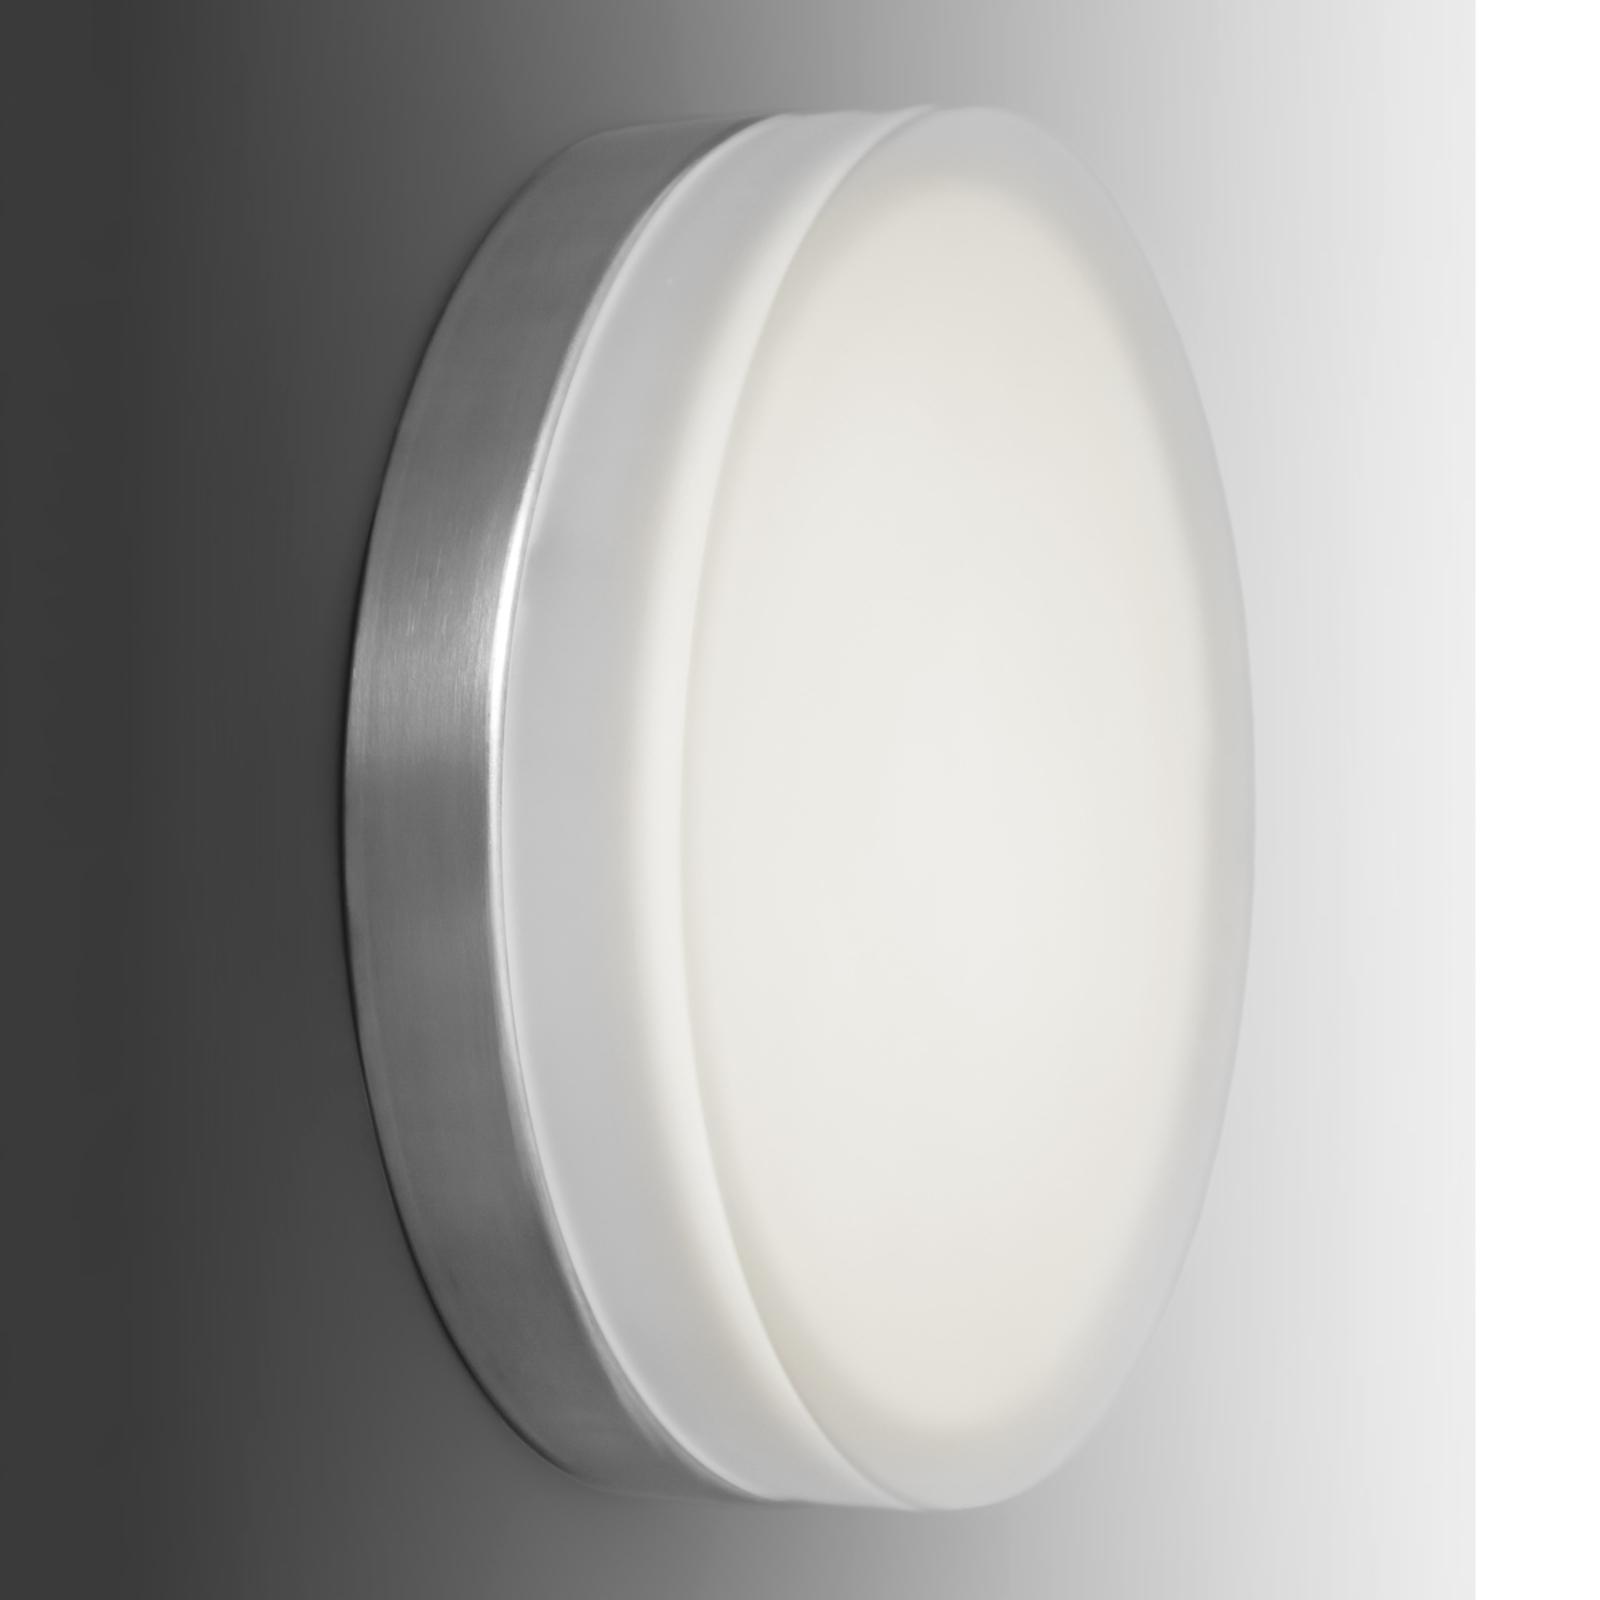 Schlichte, runde LED-Wandleuchte Briq 01 kaufen